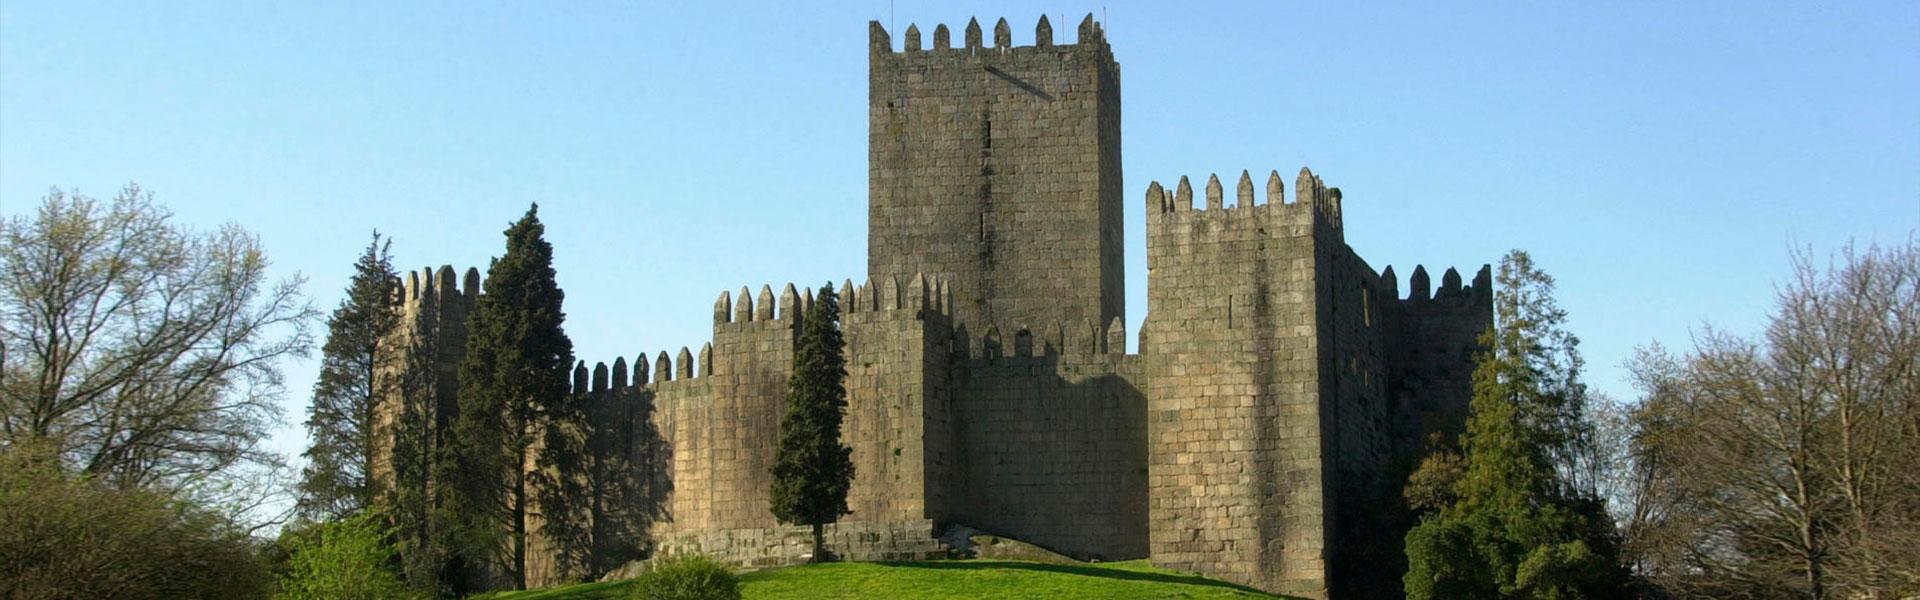 Guimarães Castle pic